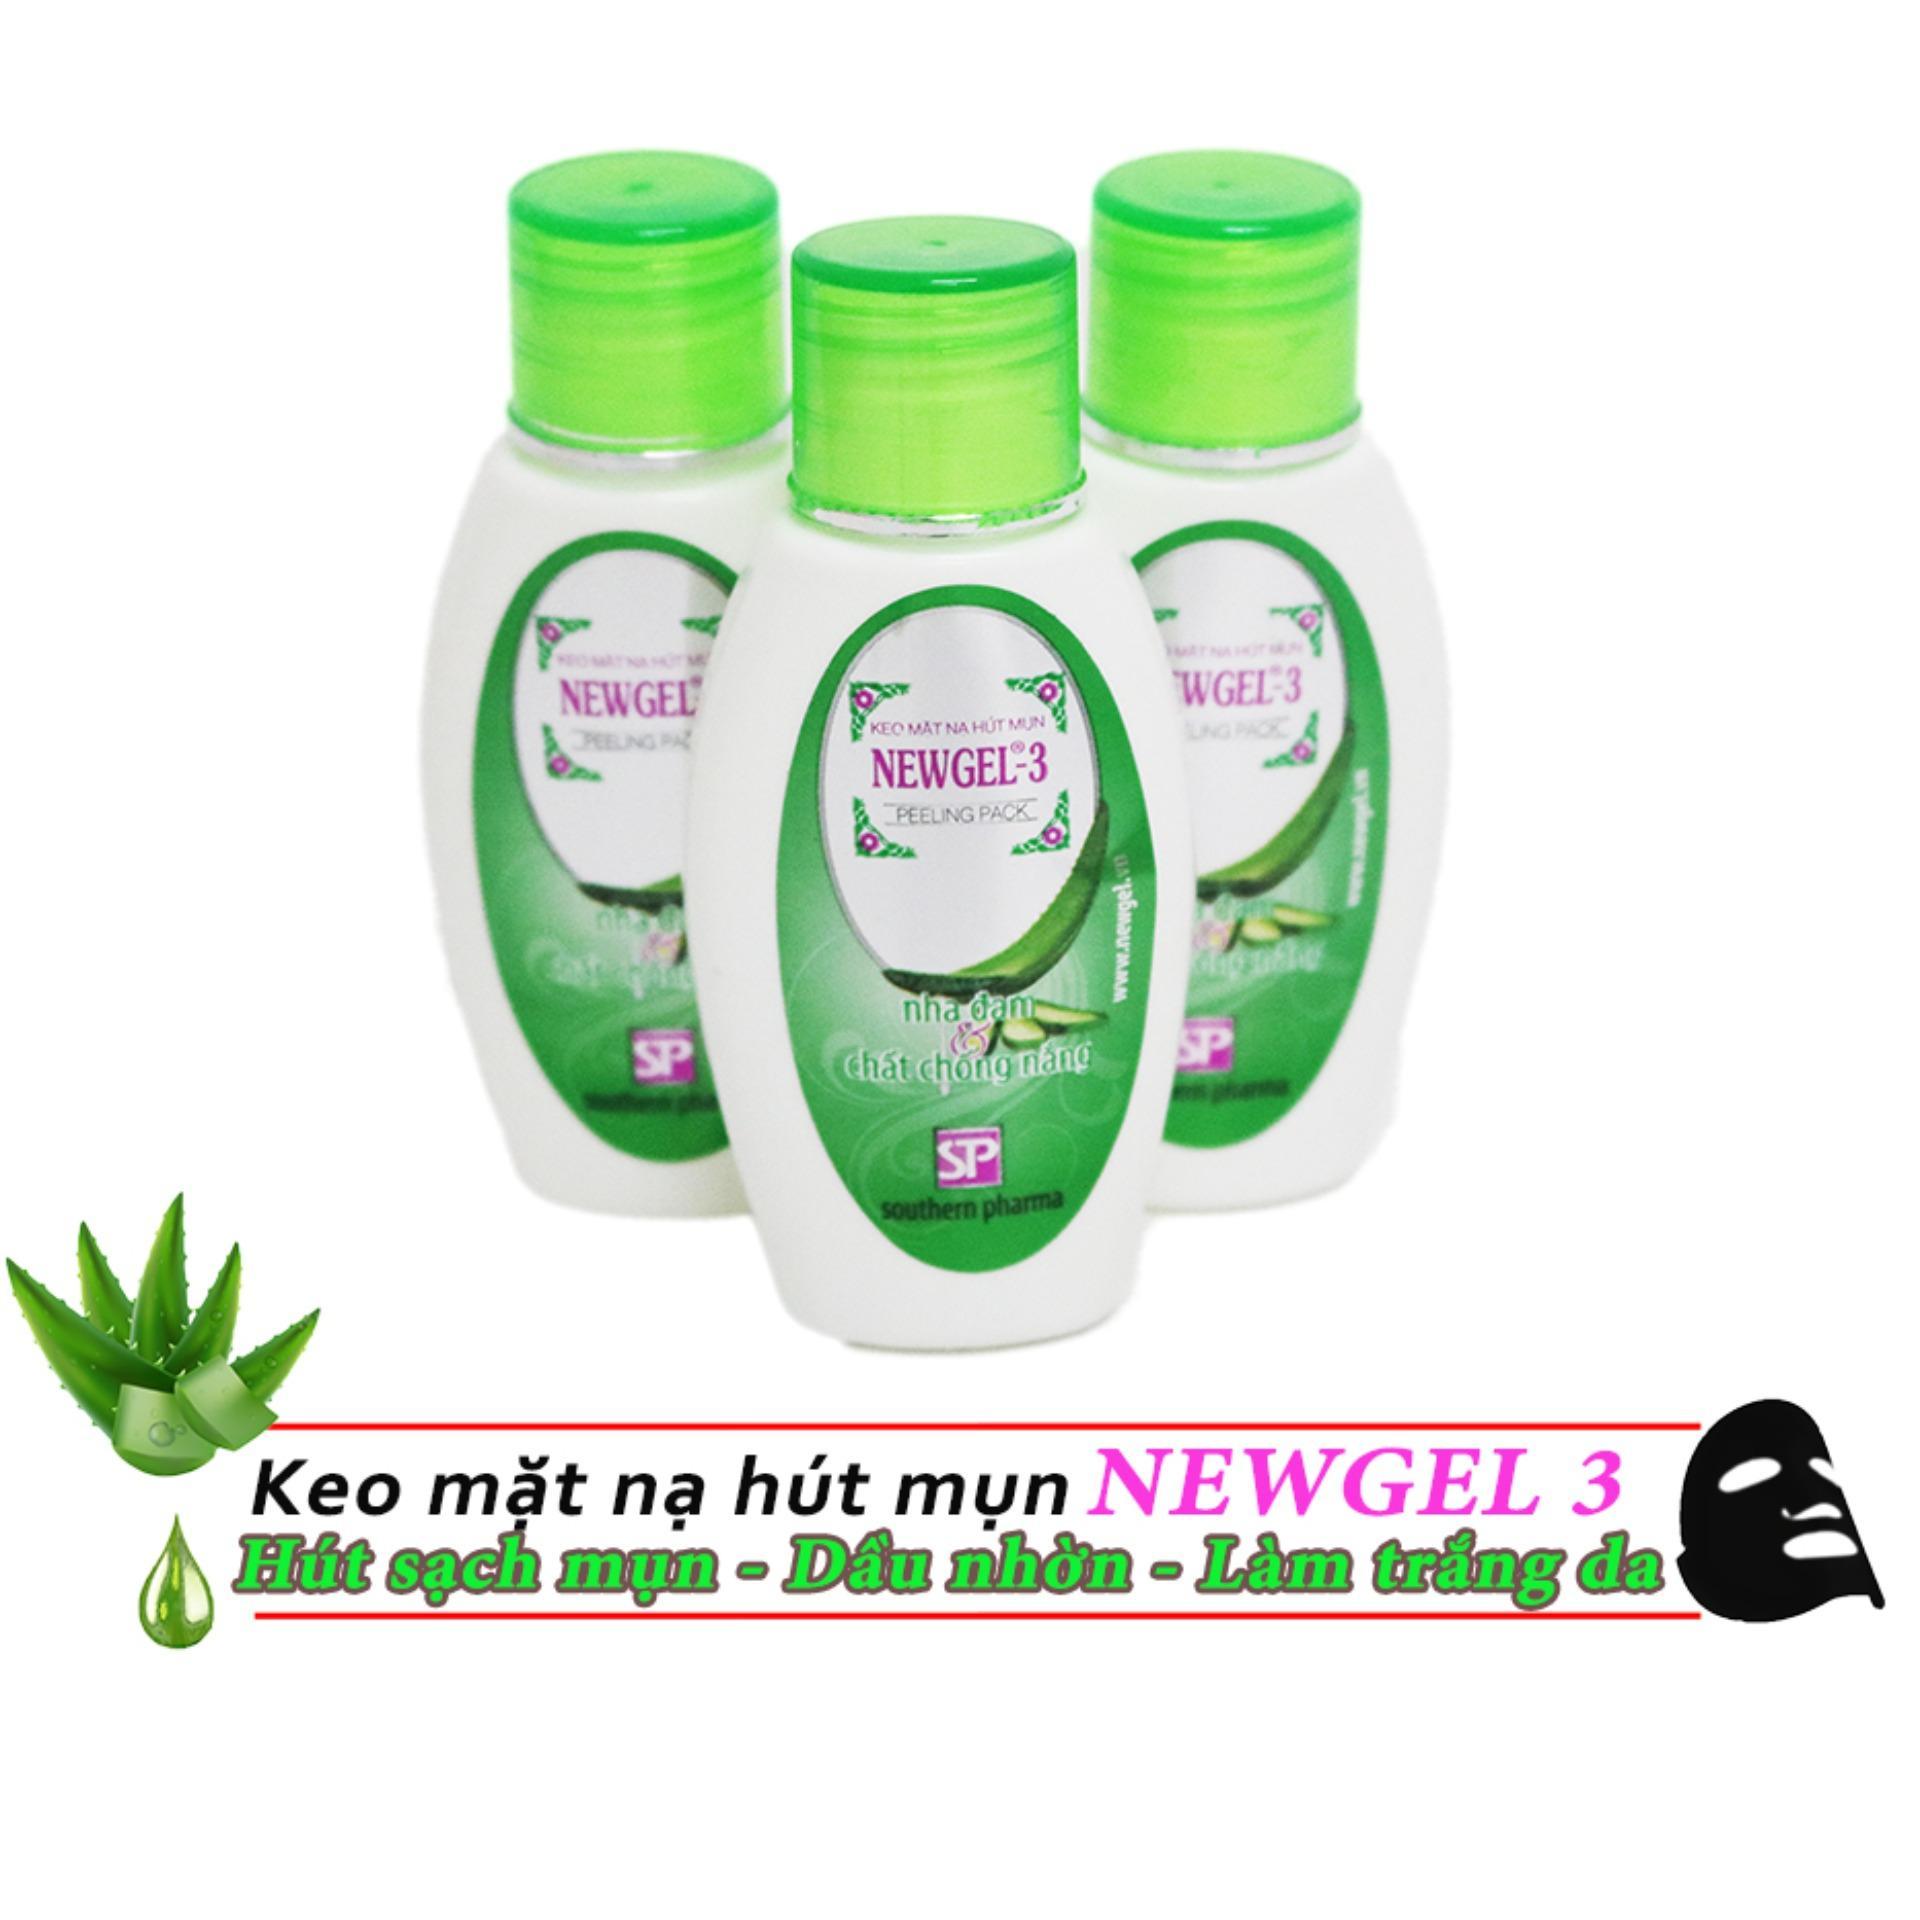 Keo mặt nạ hút mụn Newgel-3